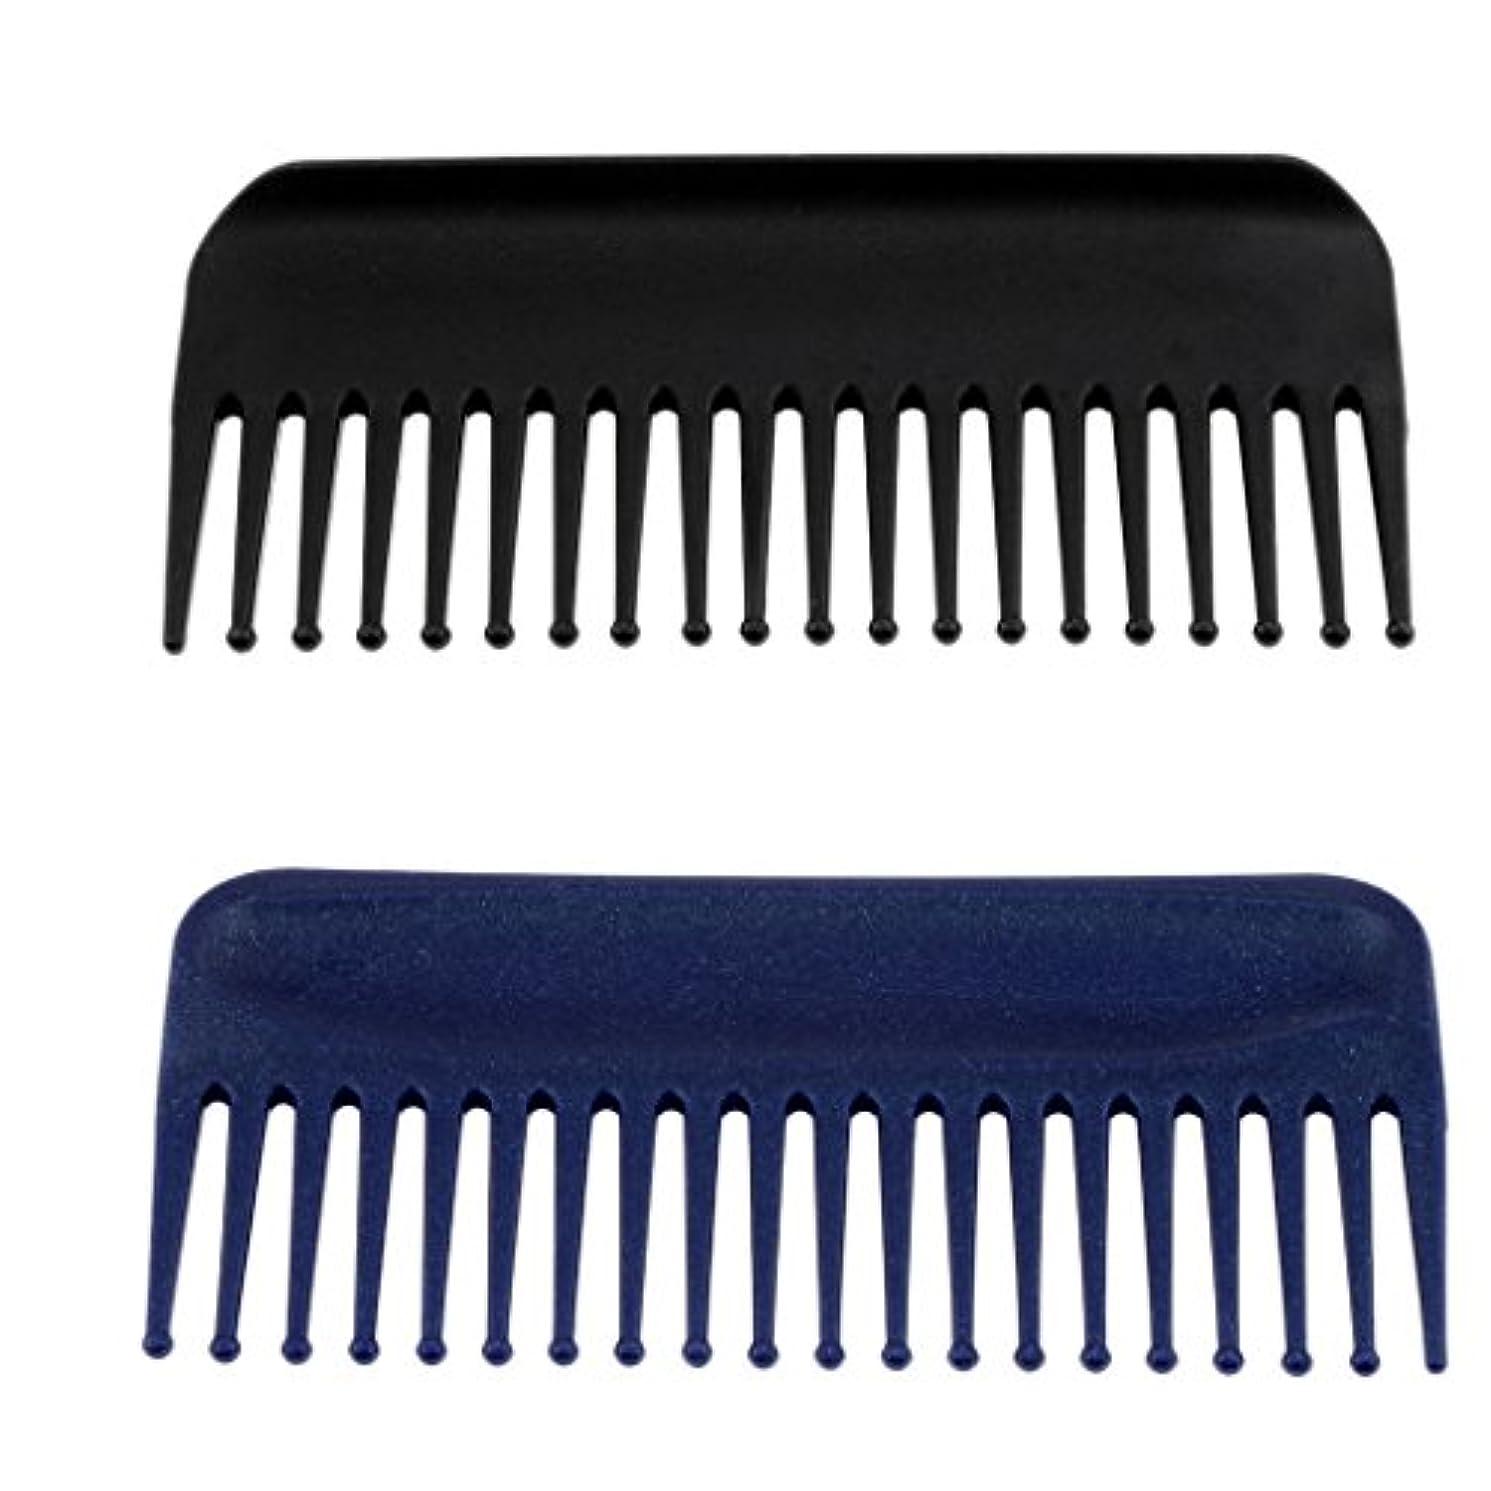 ビーチライム長くするヘアコーム くし 櫛 ヘアブラシ 頭皮マッサージ ヘアケア 高品質 静電気防止 プラスチック製 2個